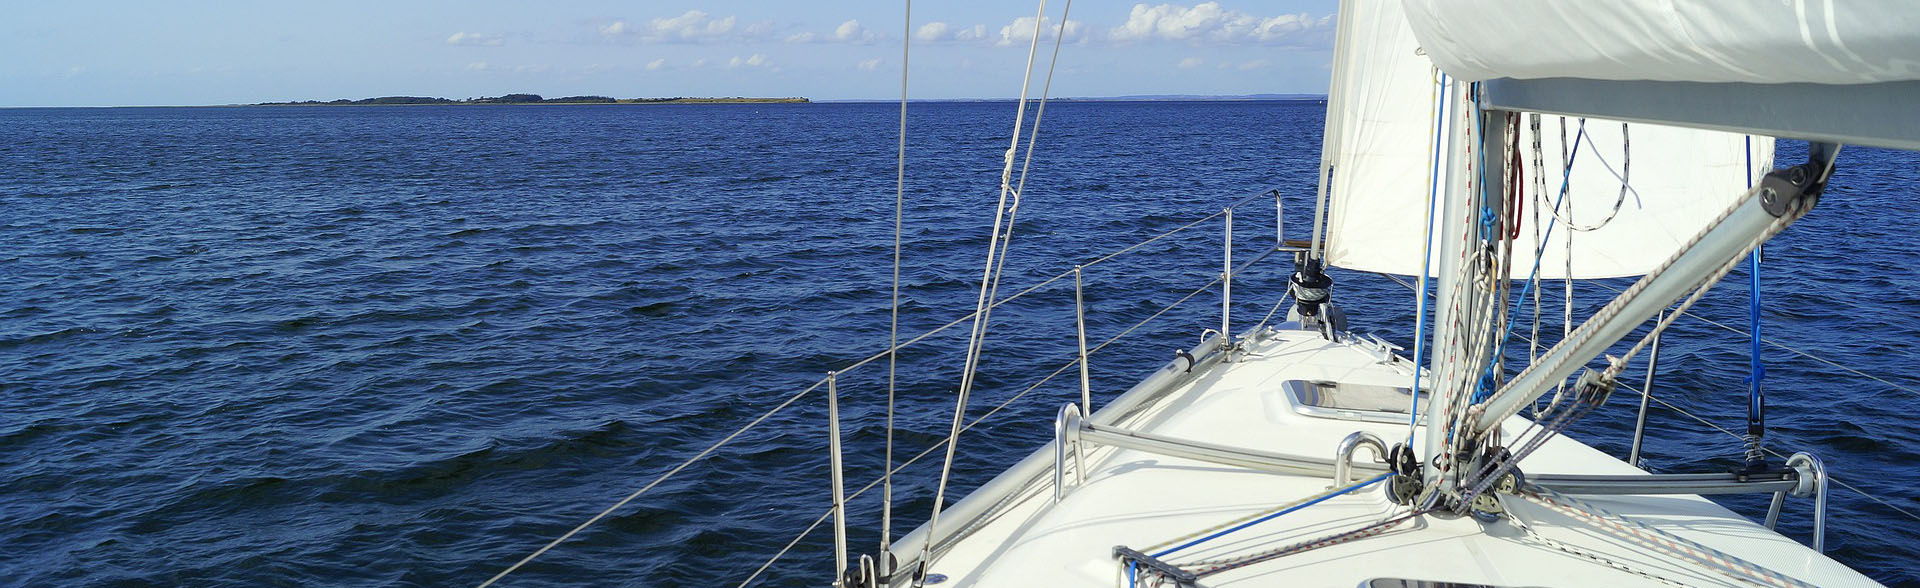 boat insurance near me